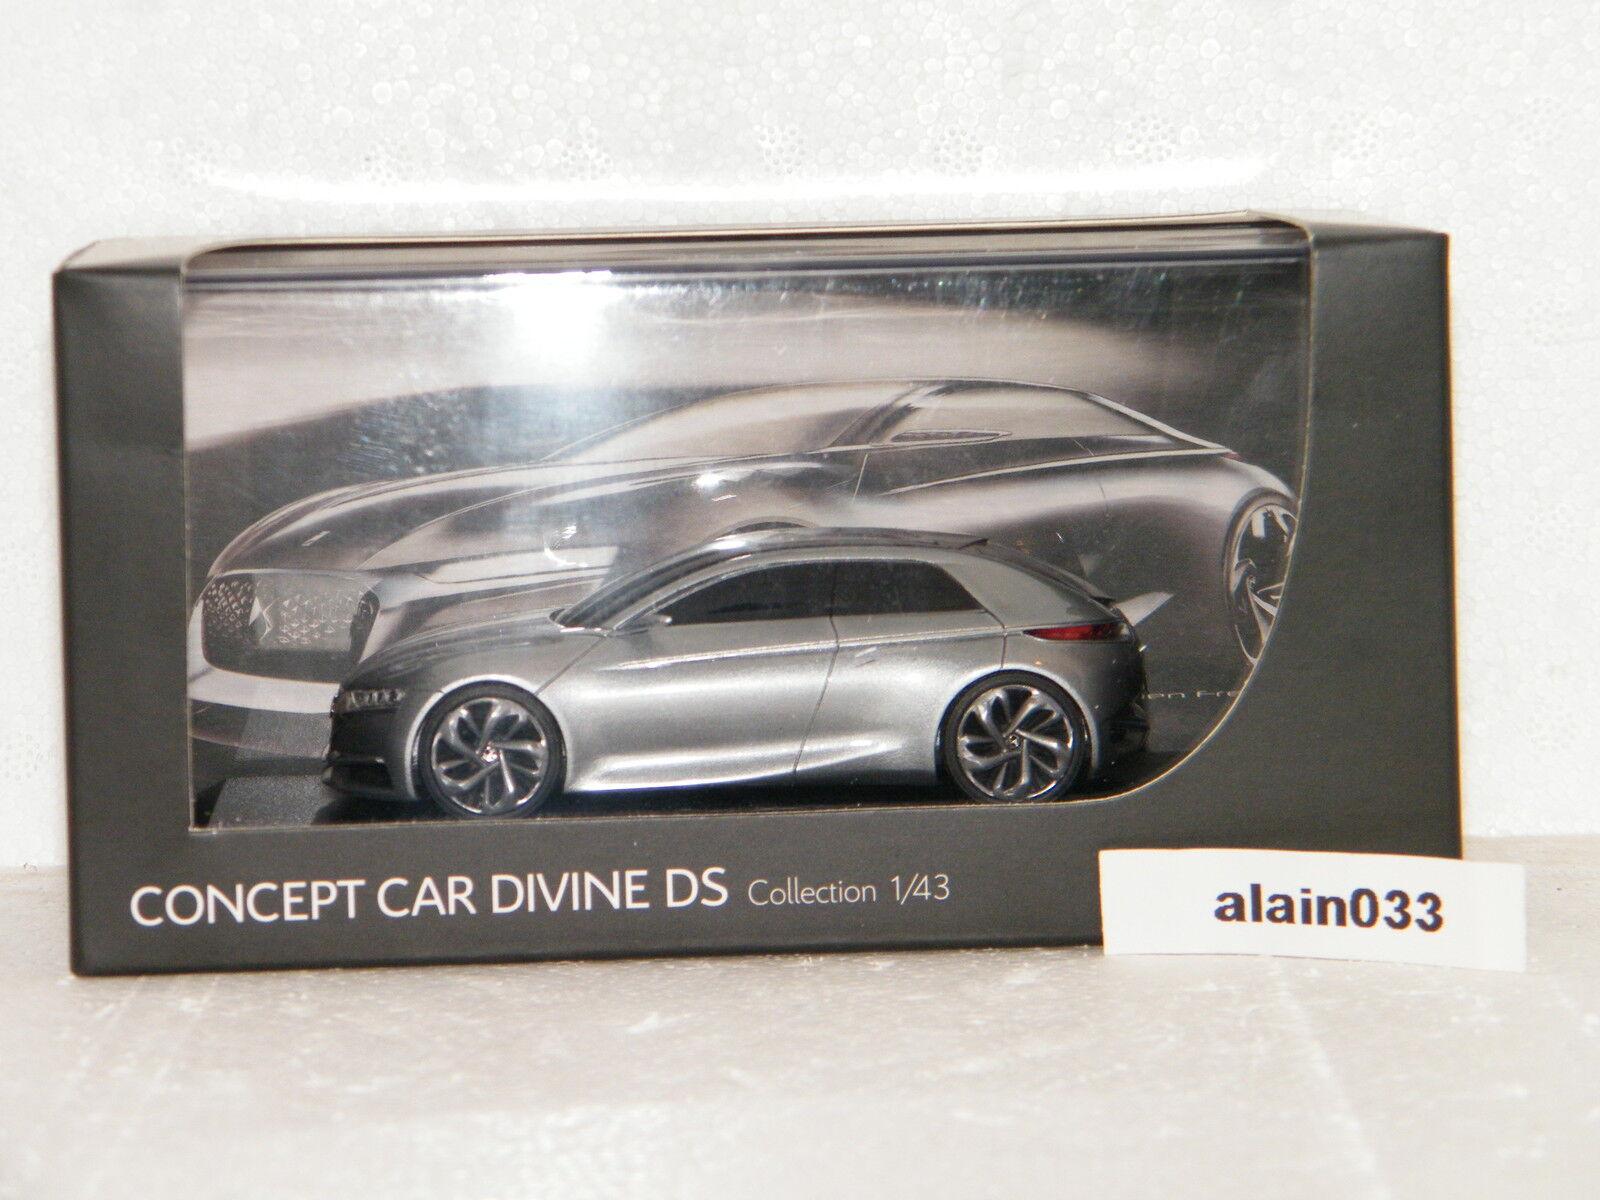 CITROËN CONCEPT CAR DIVINE DS - - - PROVENCE MOULAGE 1 43 Ref PM101 f5dab6